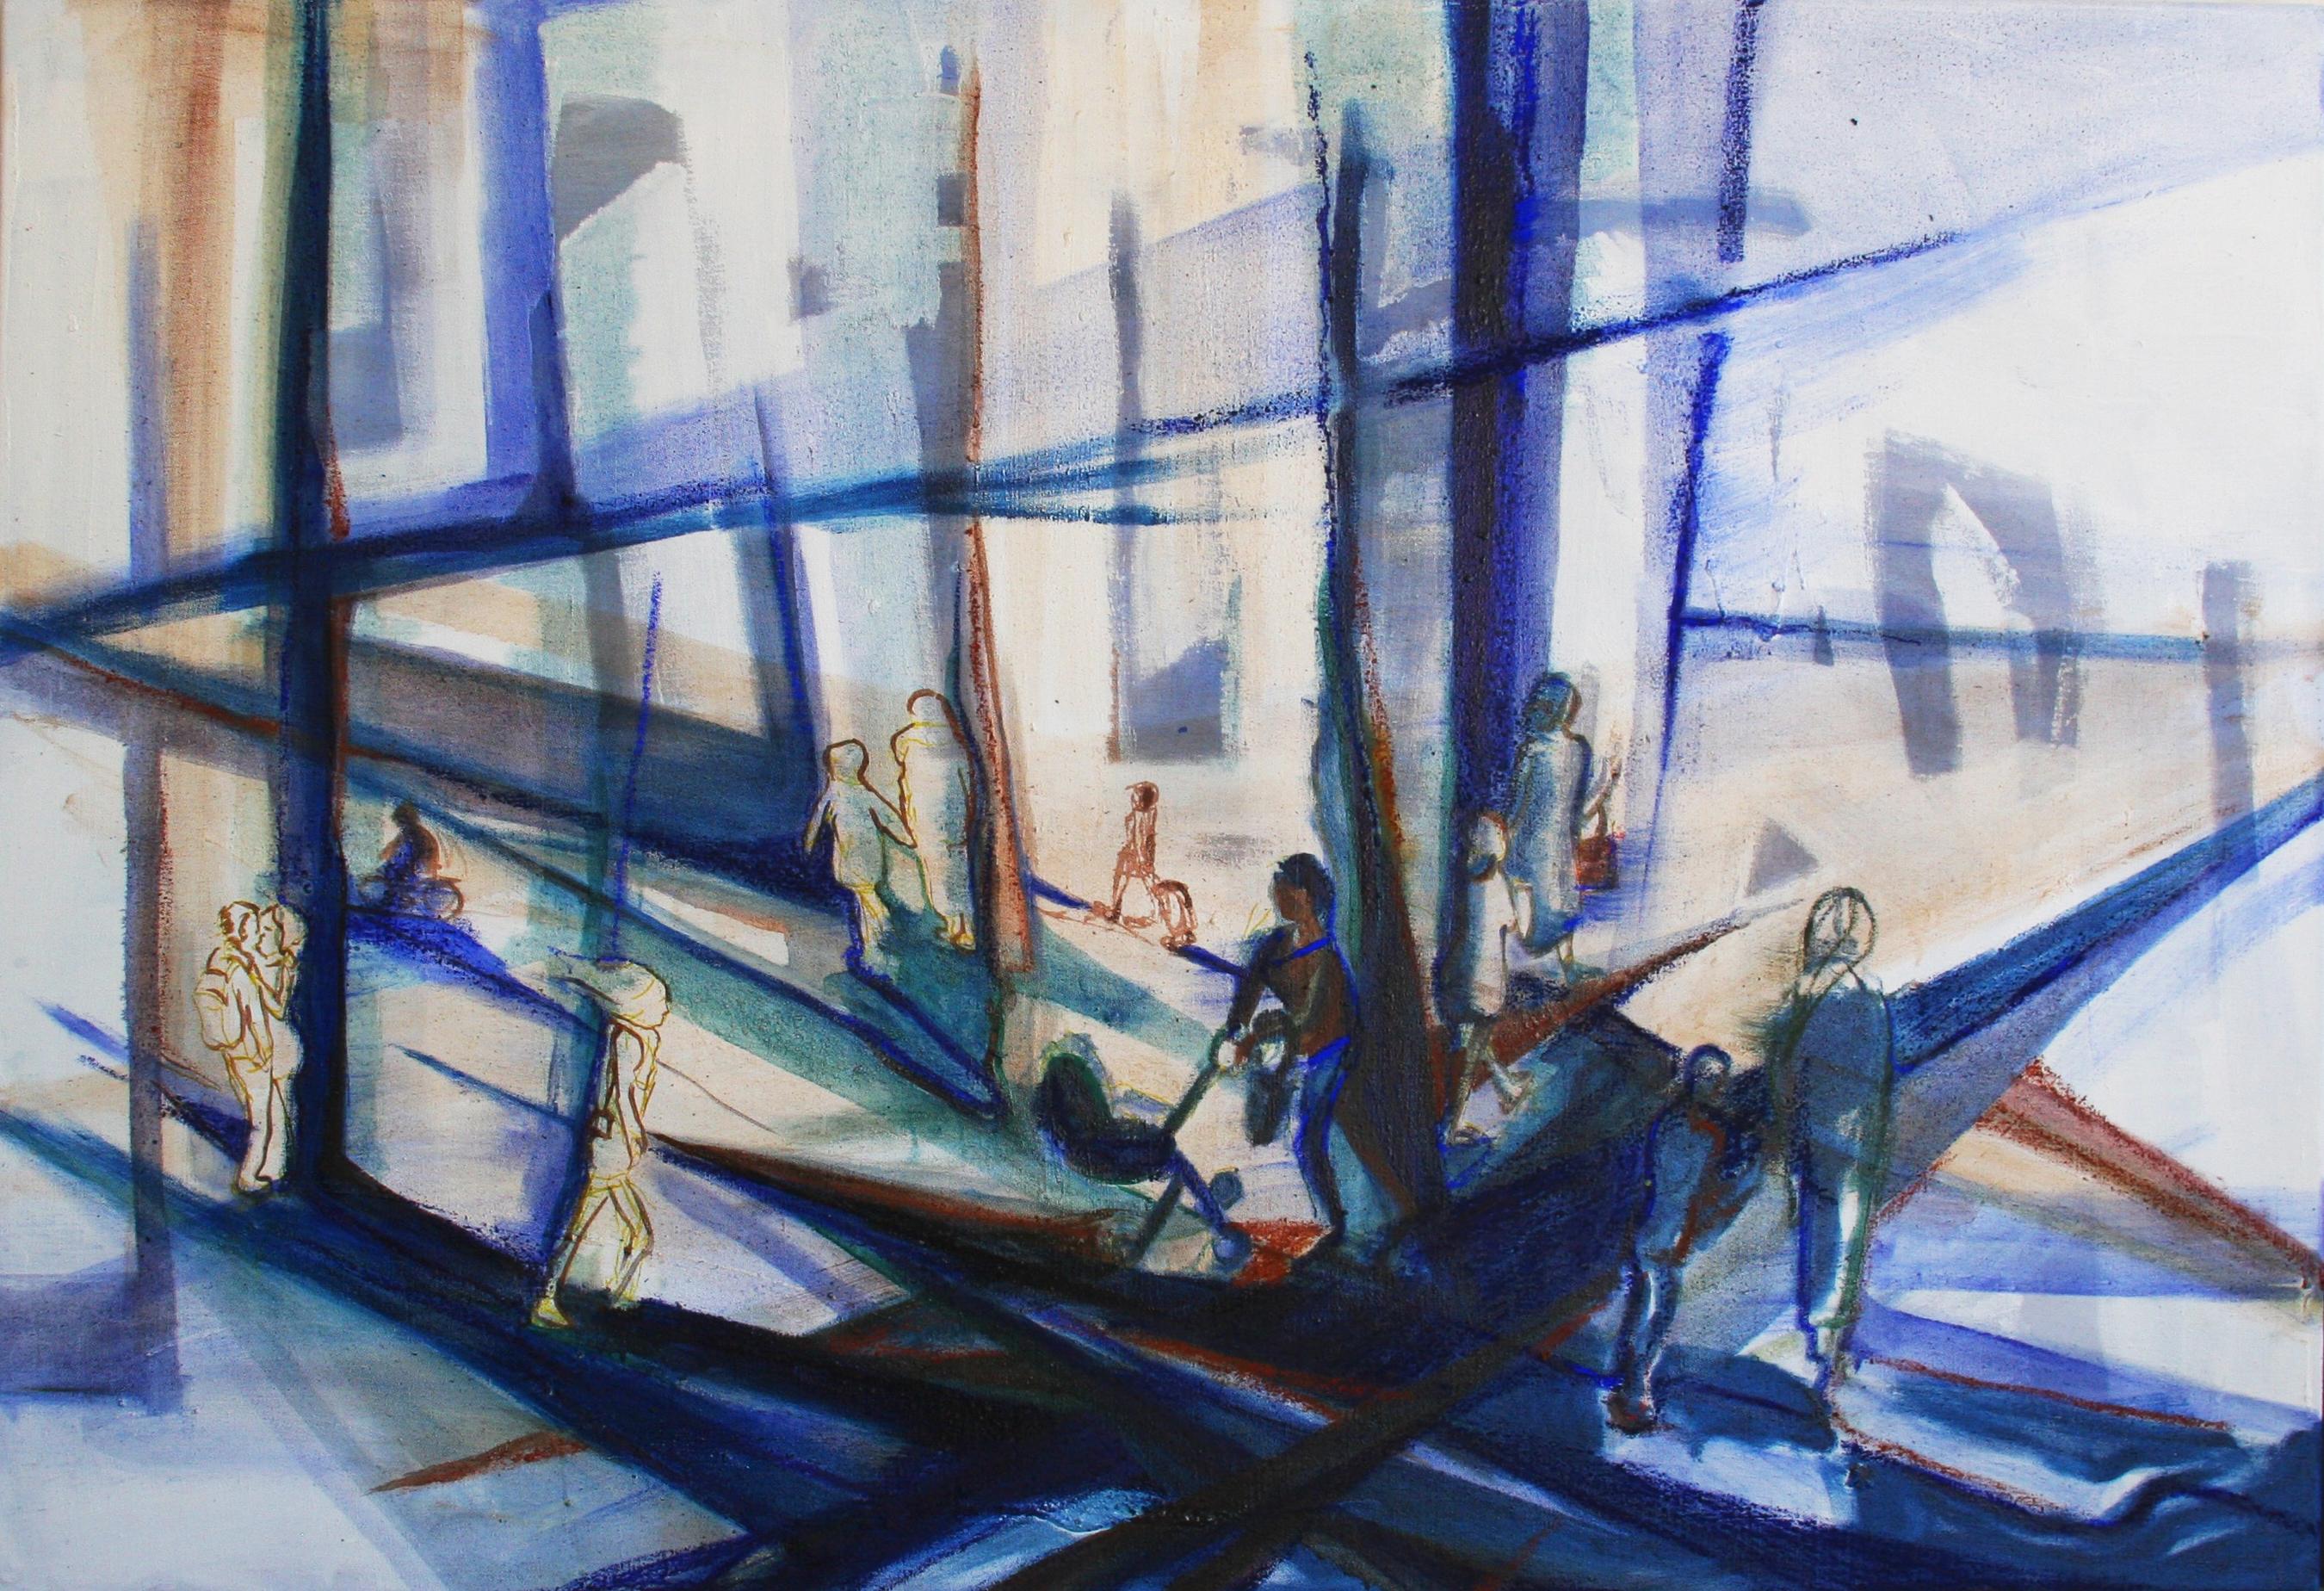 Denk, loop, zoen 160 x 110 cm, 2016, VERKOCHT